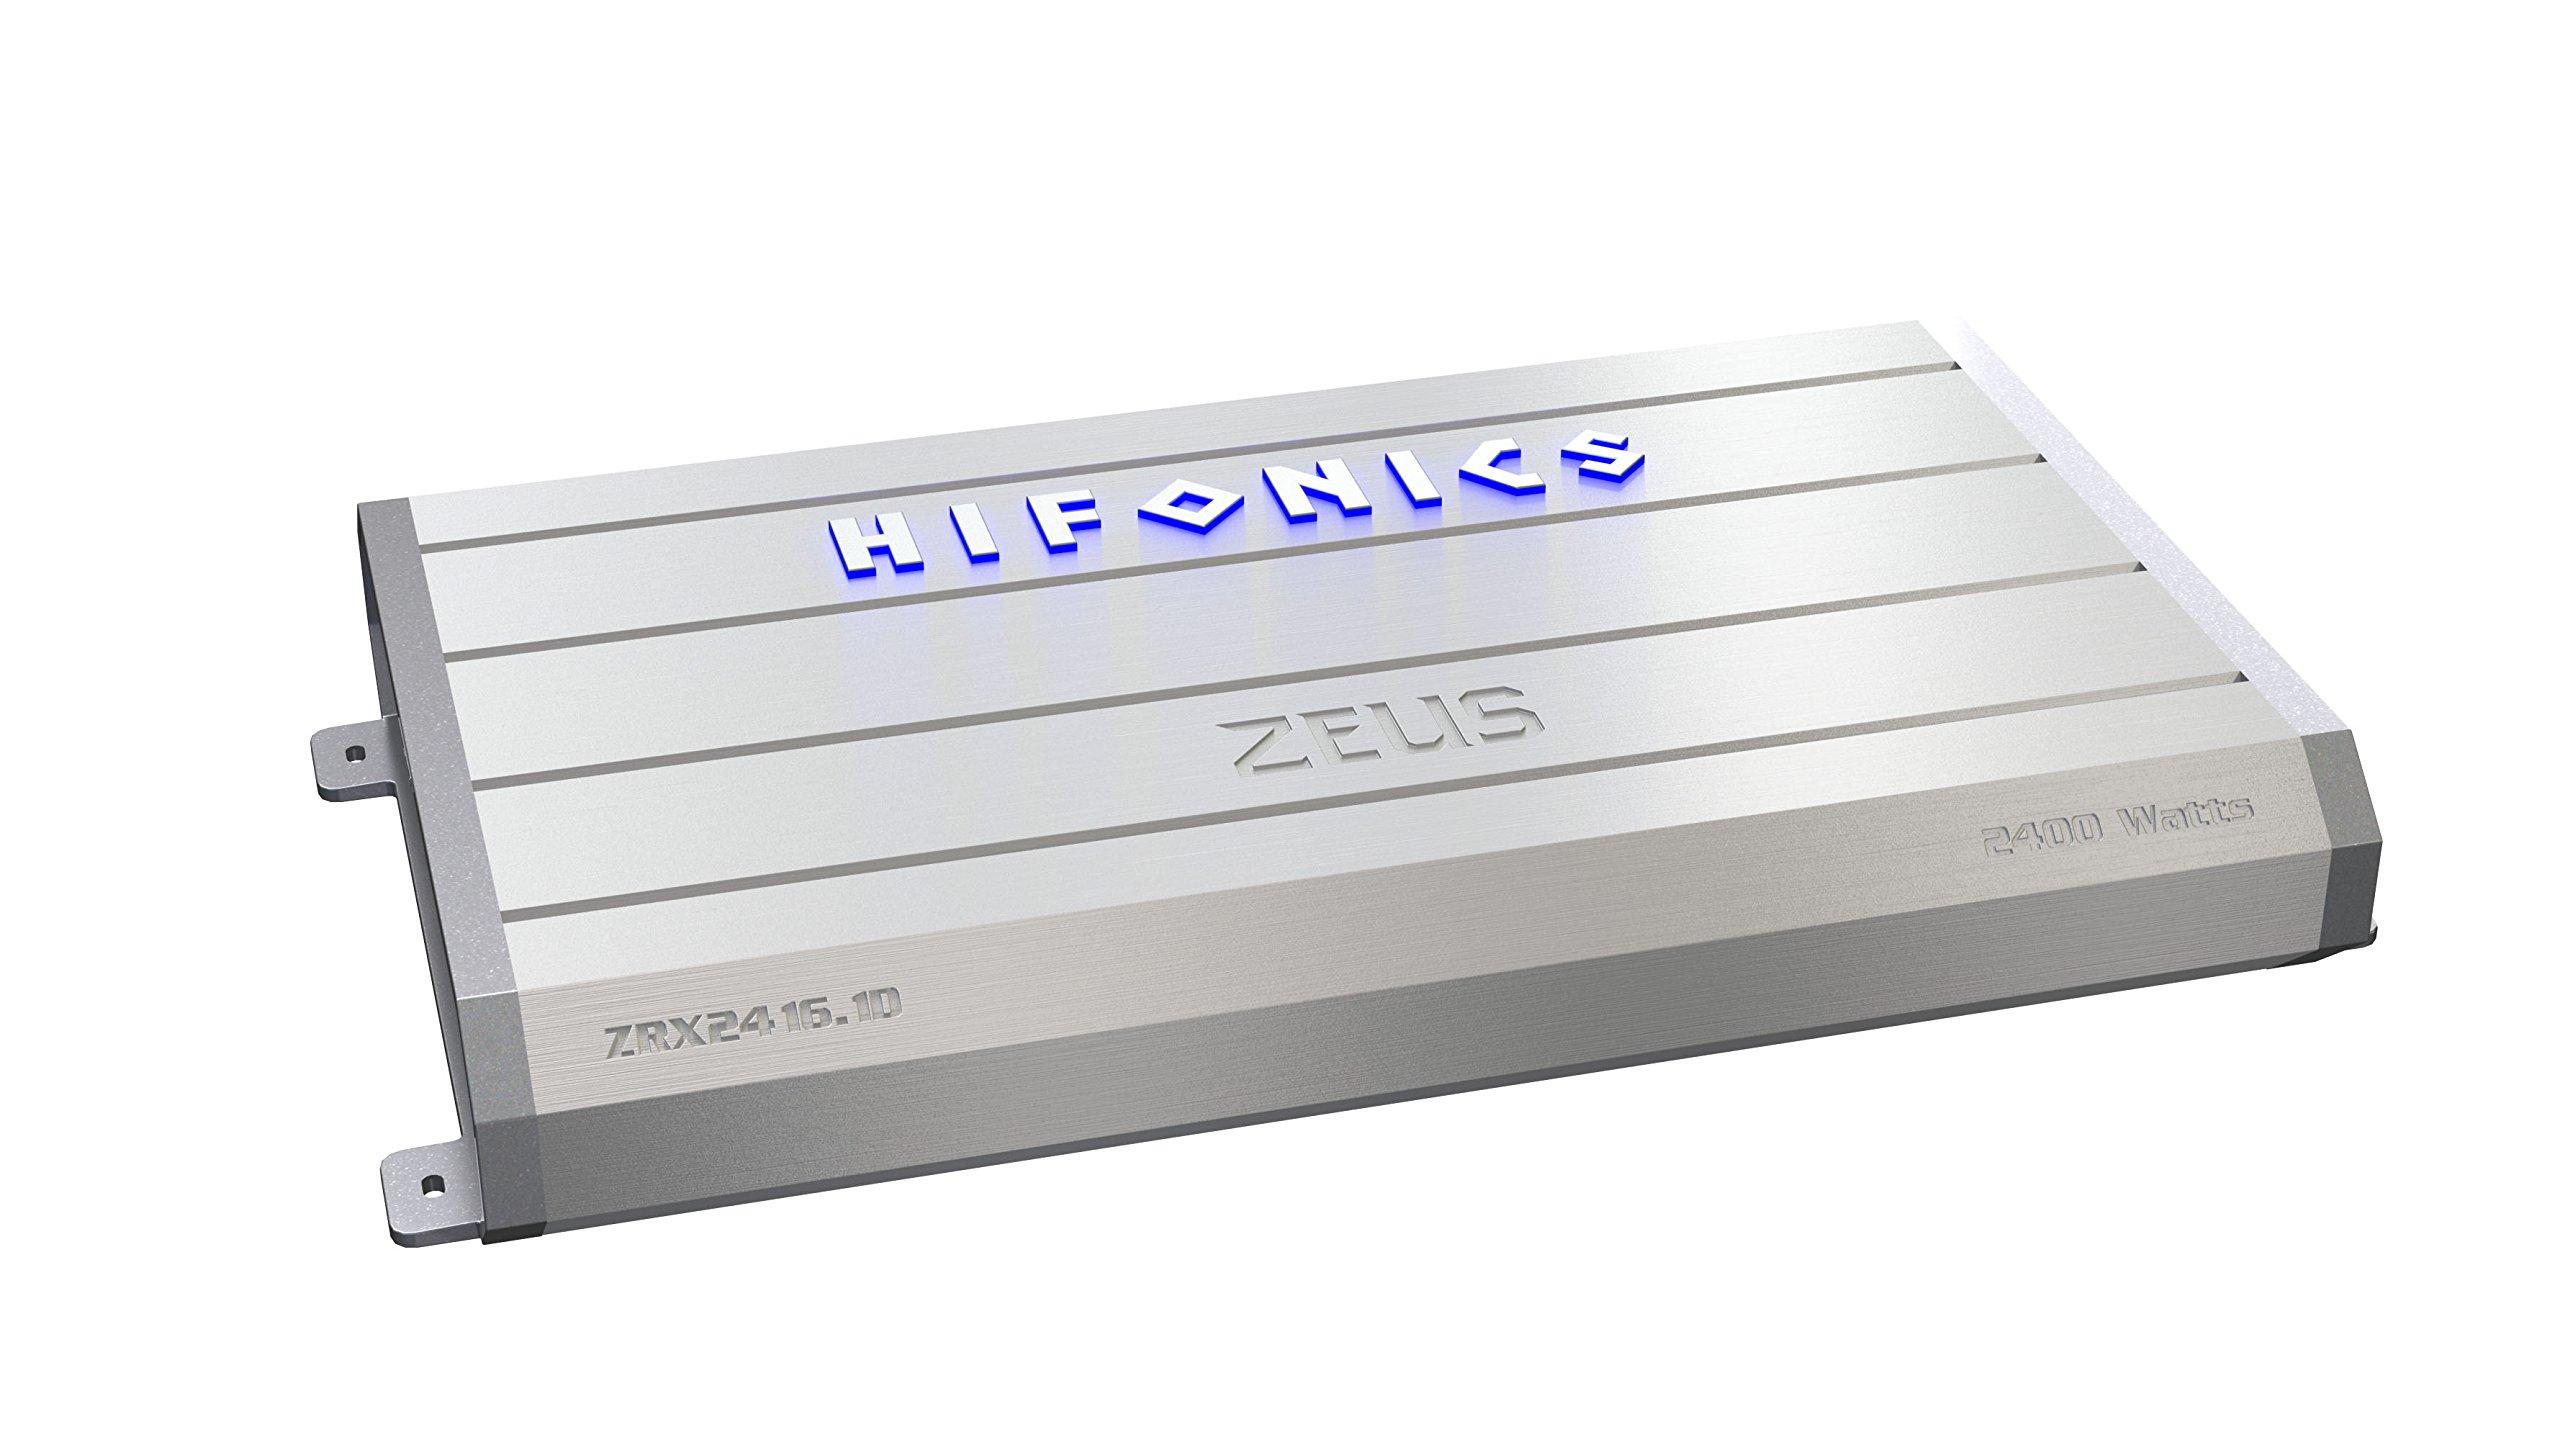 Hifonics ZRX2416.1D Zeus Mono Class-D Subwoofer Amplifier, 2400-Watt